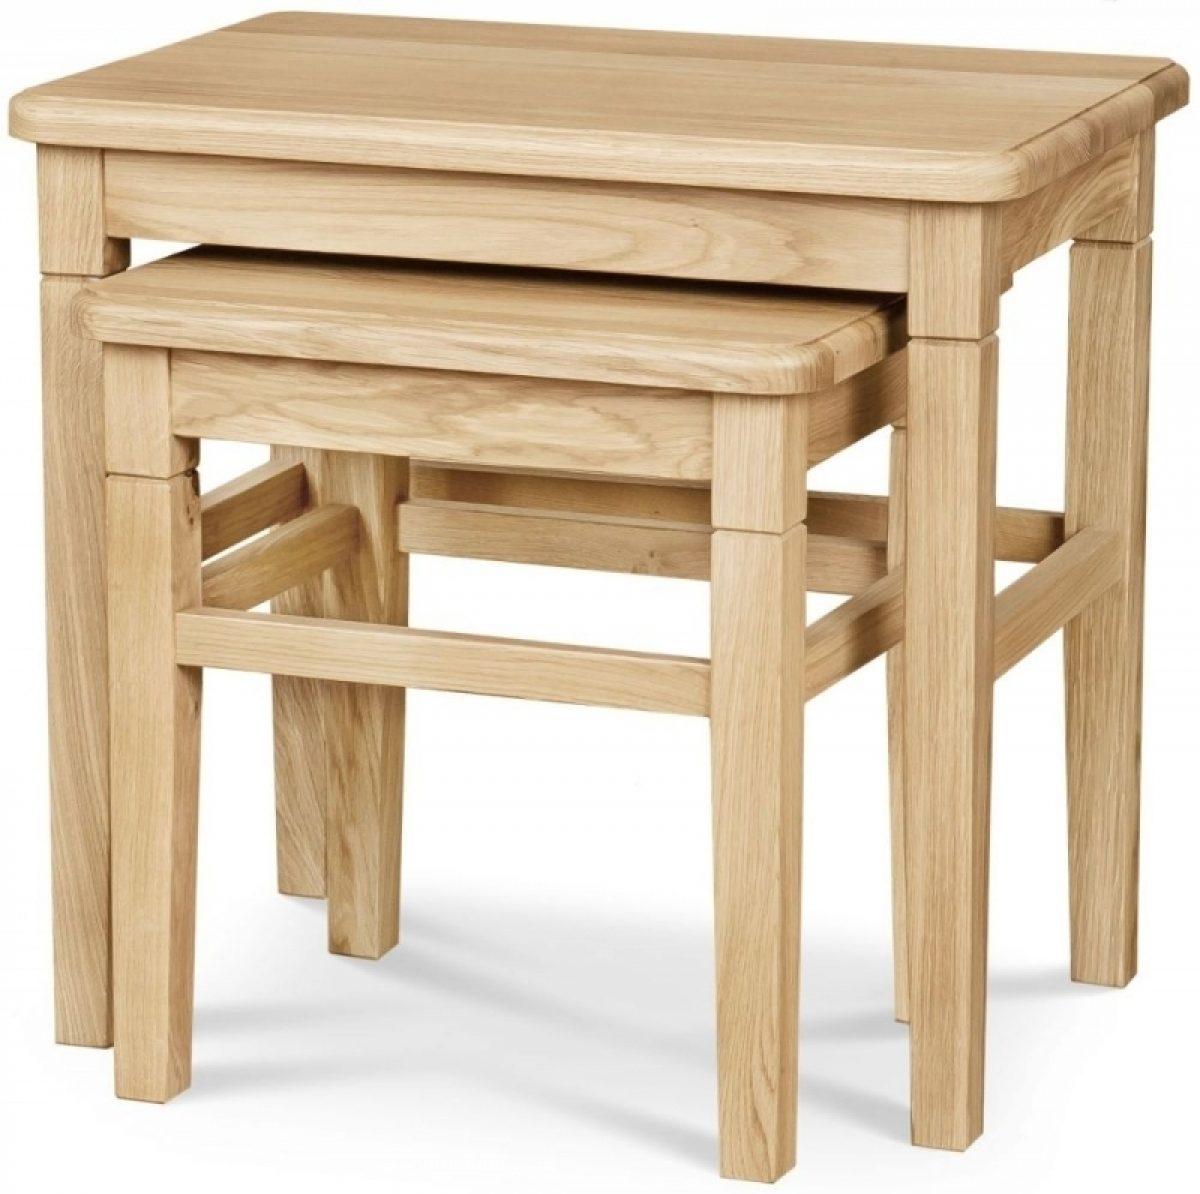 4 Clemence Richard Moreno Oak Nest of 2 Tables 01